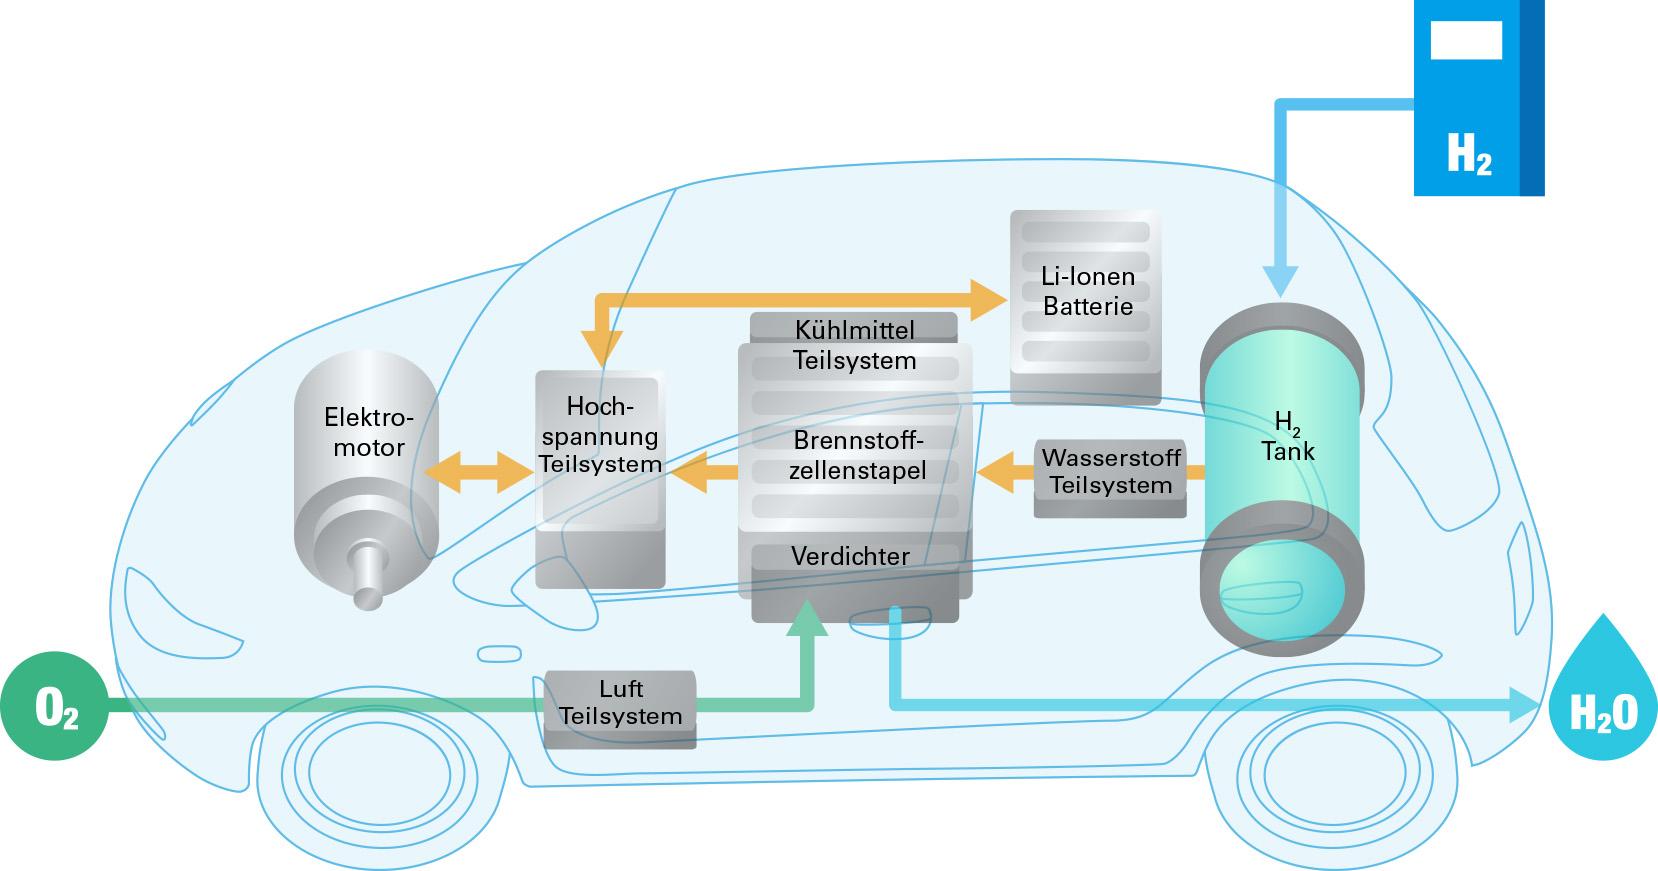 Wesentliche Komponenten eines Brennstoffzellen-Elektrofahrzeugs